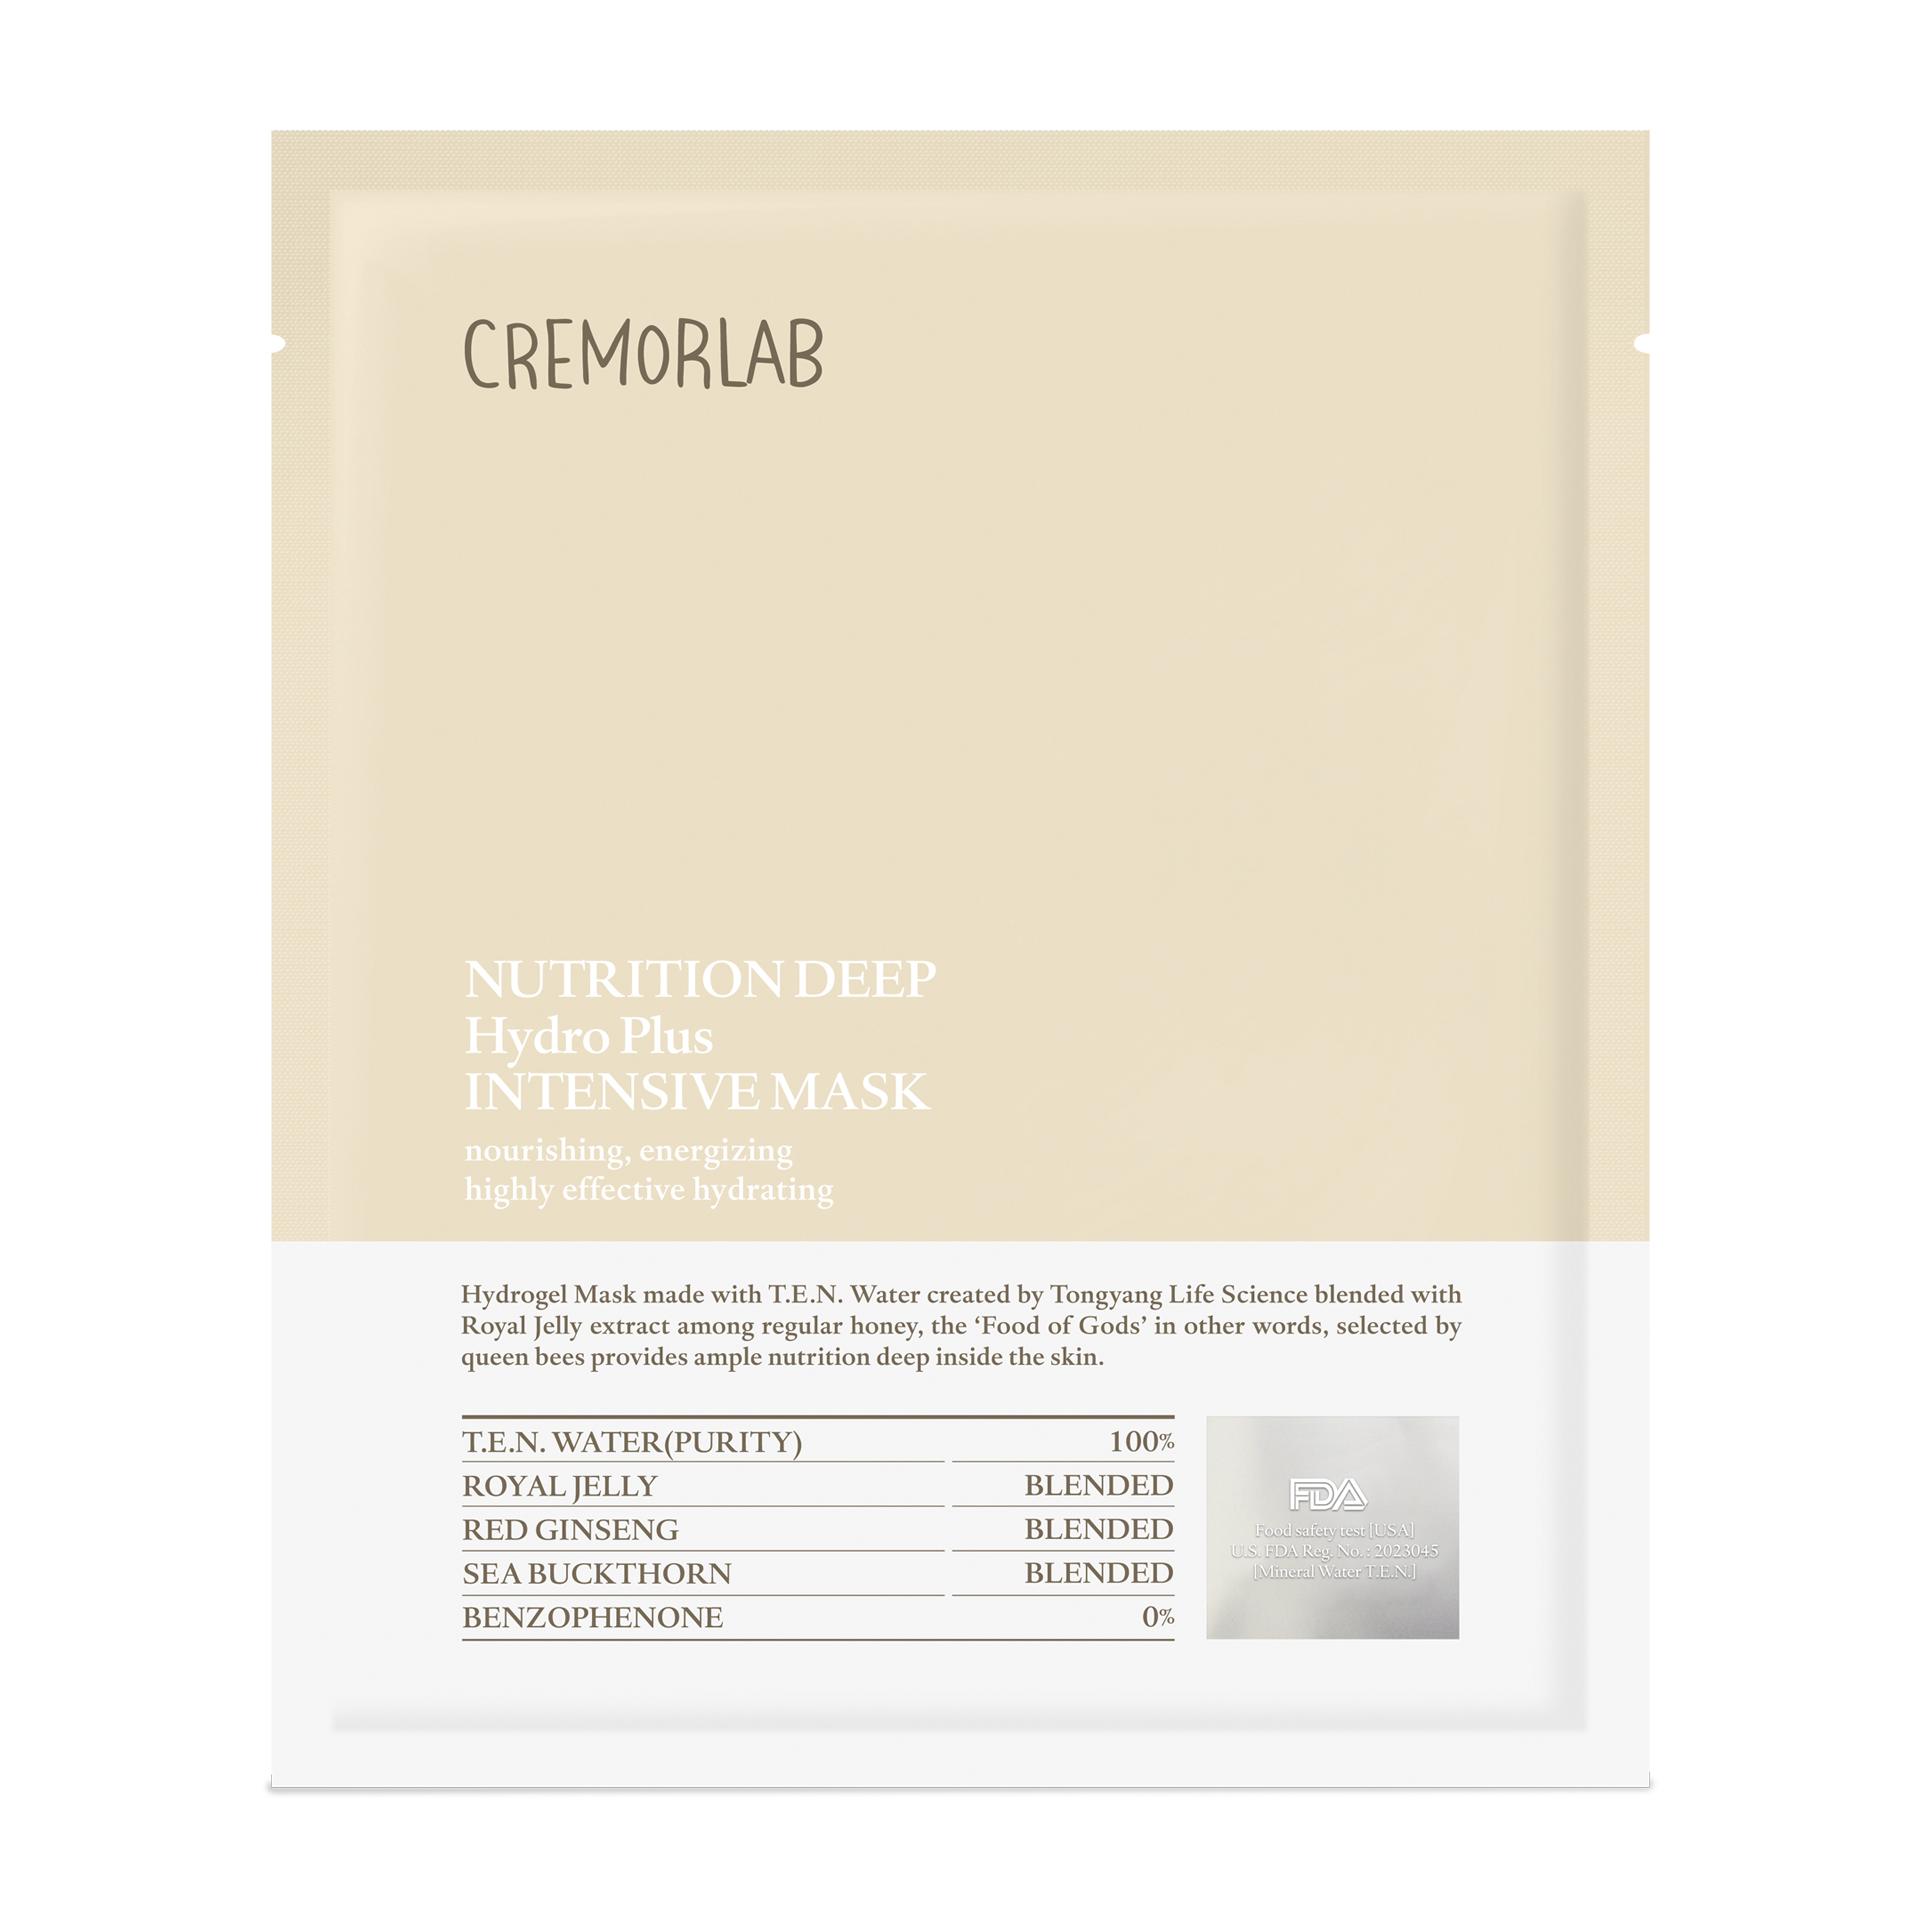 Маска для лица Cremorlab питательная с экстрактом маточного молочка пчел